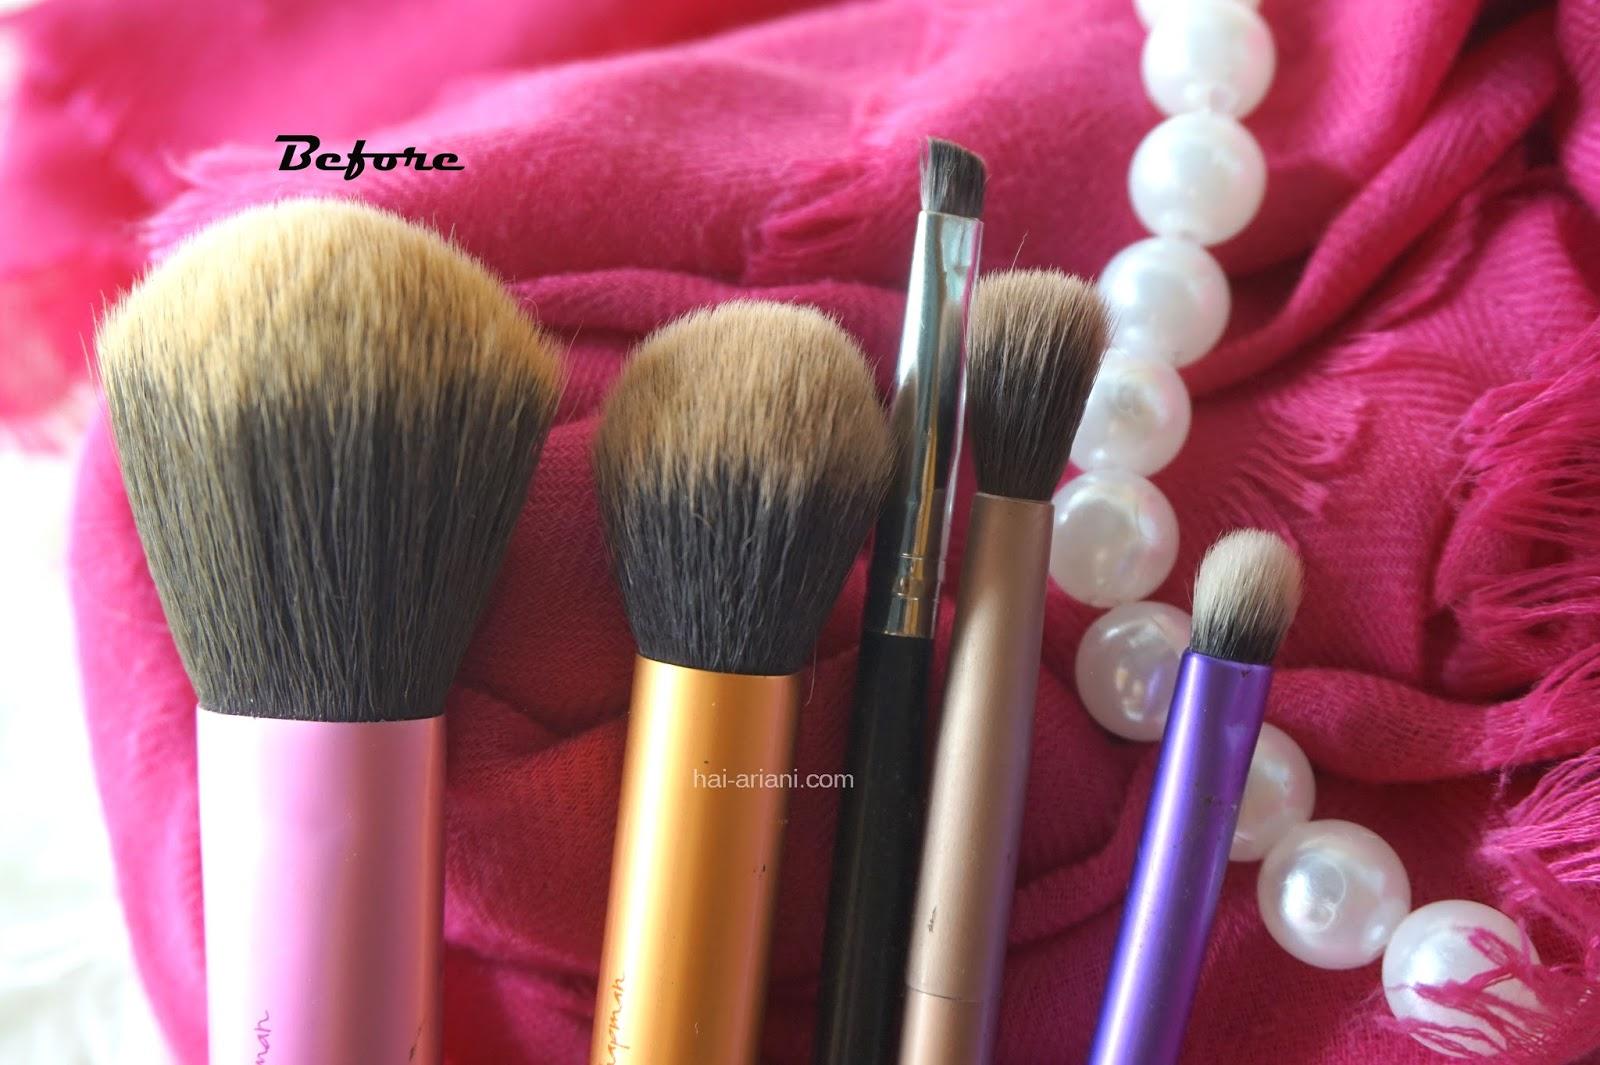 cara membersihkan brush